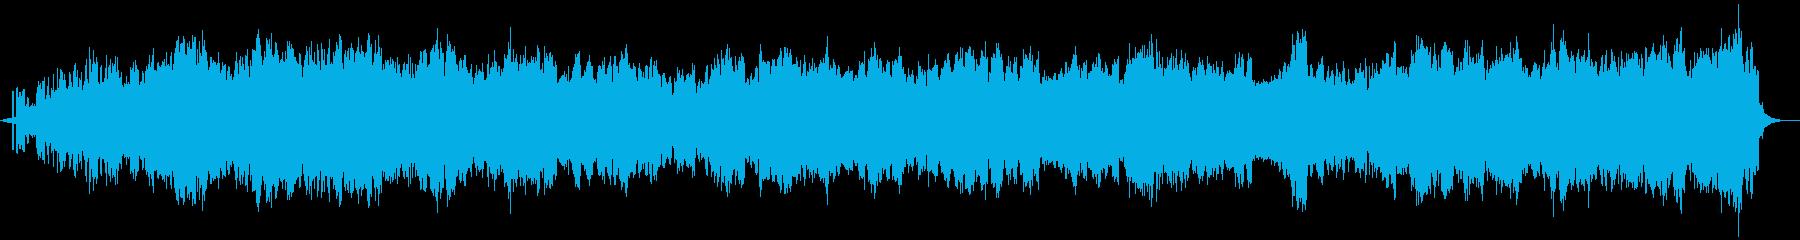 煌びやか癒しアンビエント楽曲-自然音入りの再生済みの波形